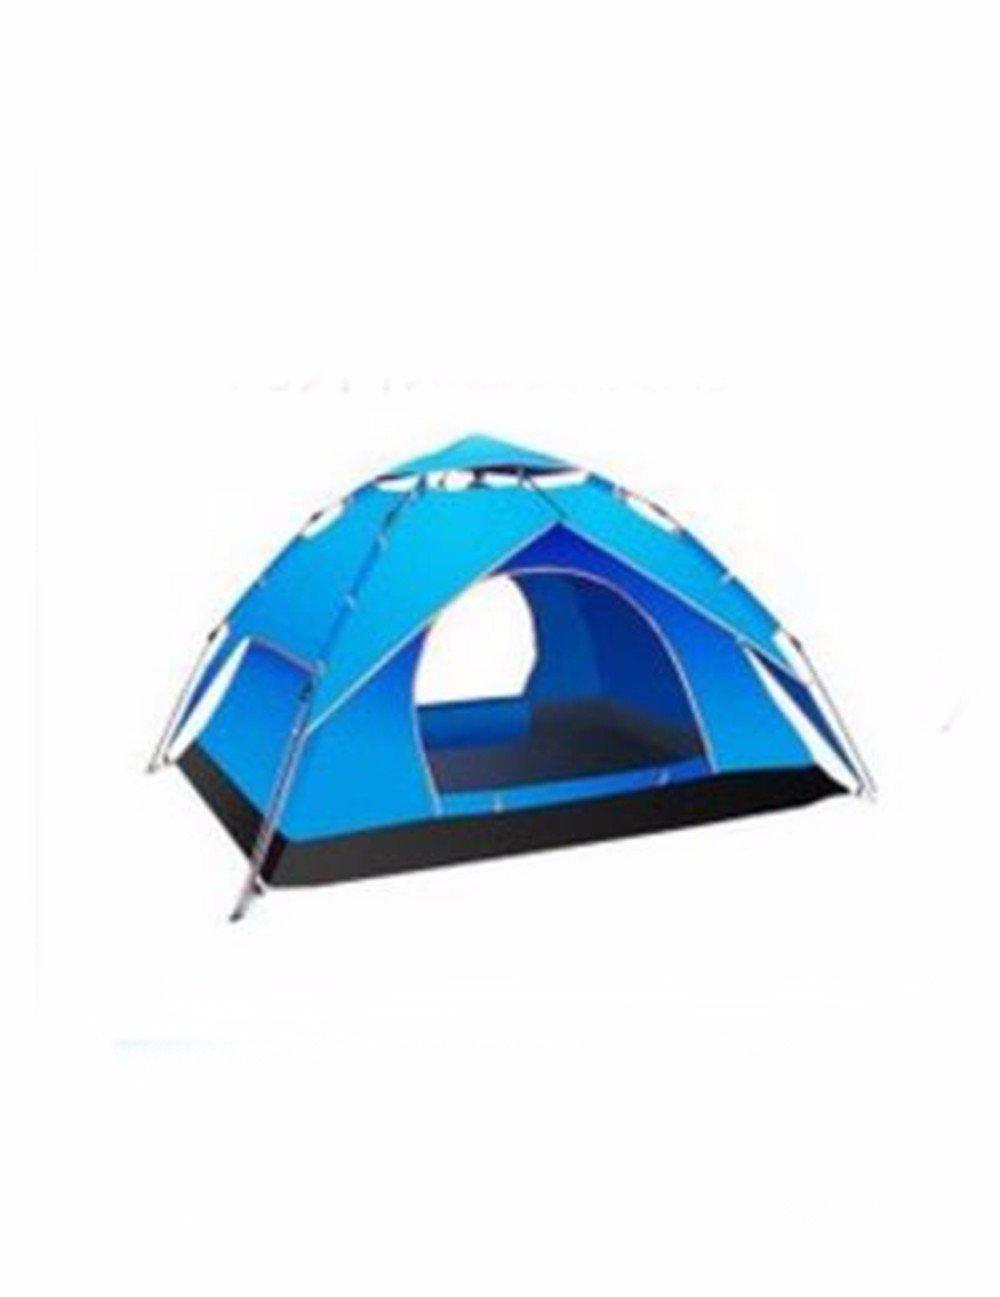 SJQKA-Reisen Zelte Outdoor 3-4, Familie 2 Personen, 2 Schlafzimmer und Wohnzimmer, ein Wohnzimmer, und Doppelzimmer Full-Automatic nicht aufblasen, mit Wind und Regen 01db38